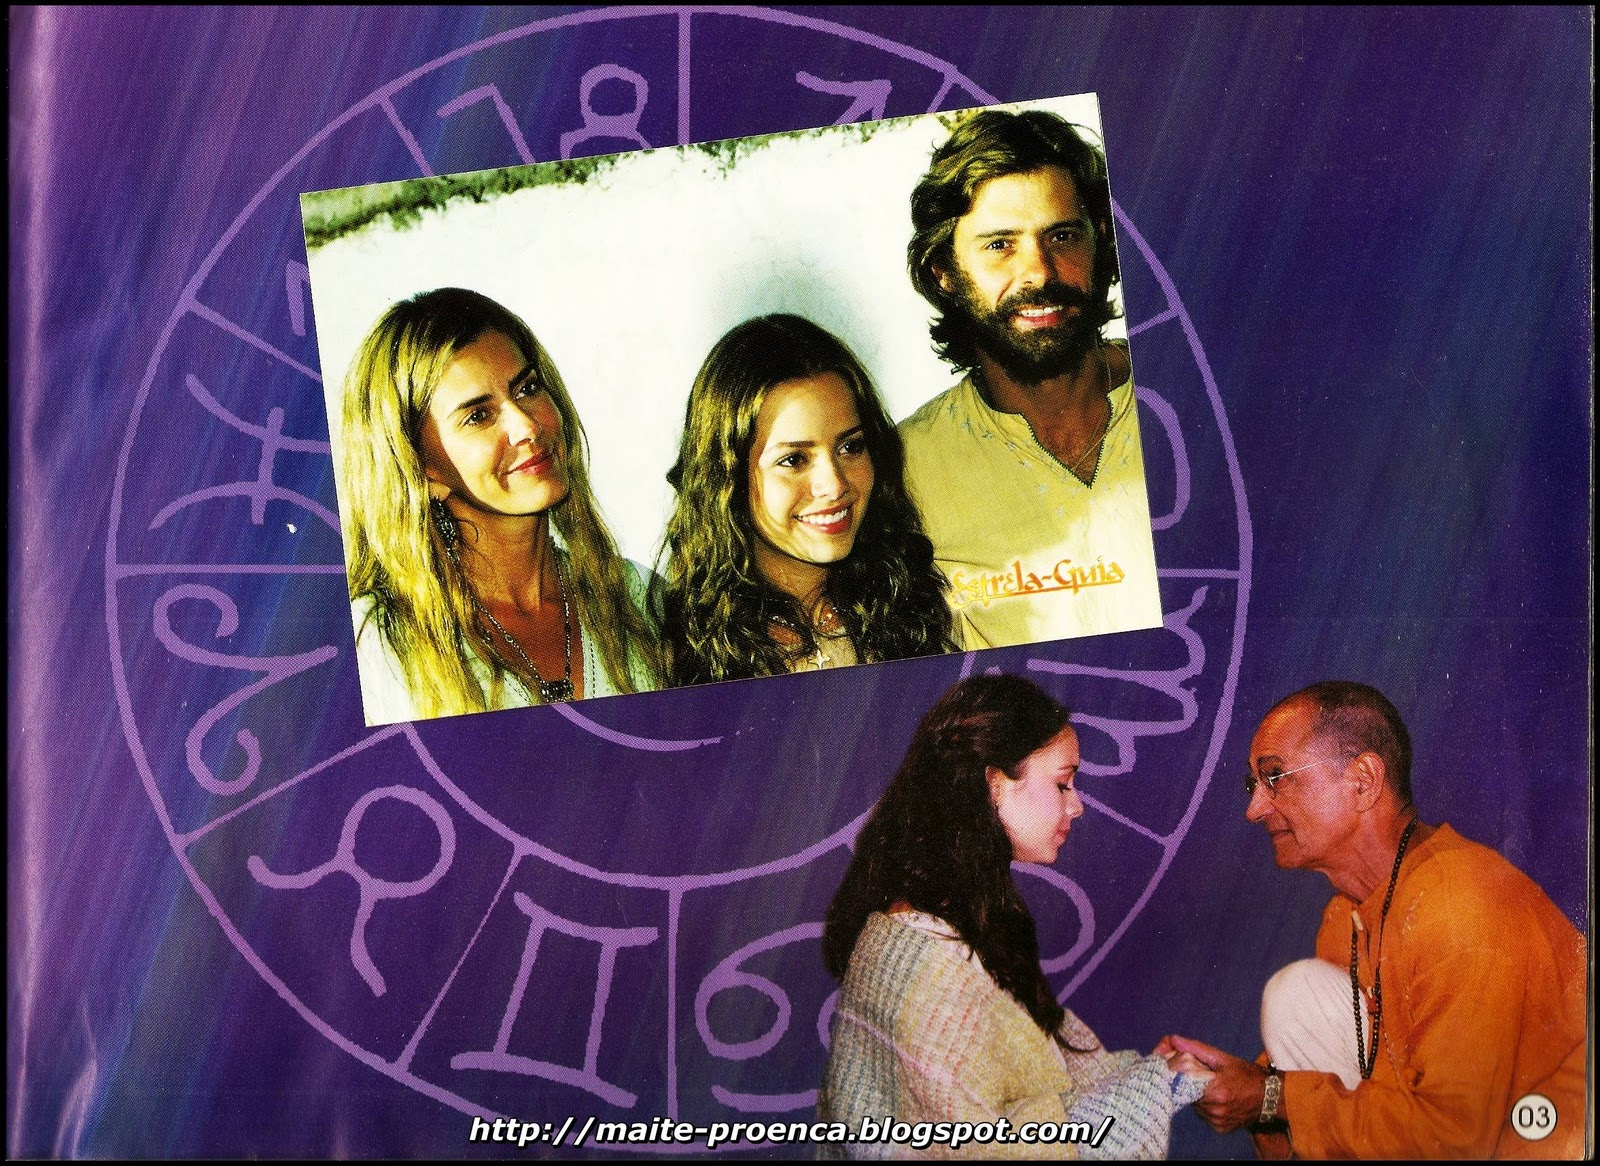 691+2001+Estrela+Guia+Album+(4).jpg